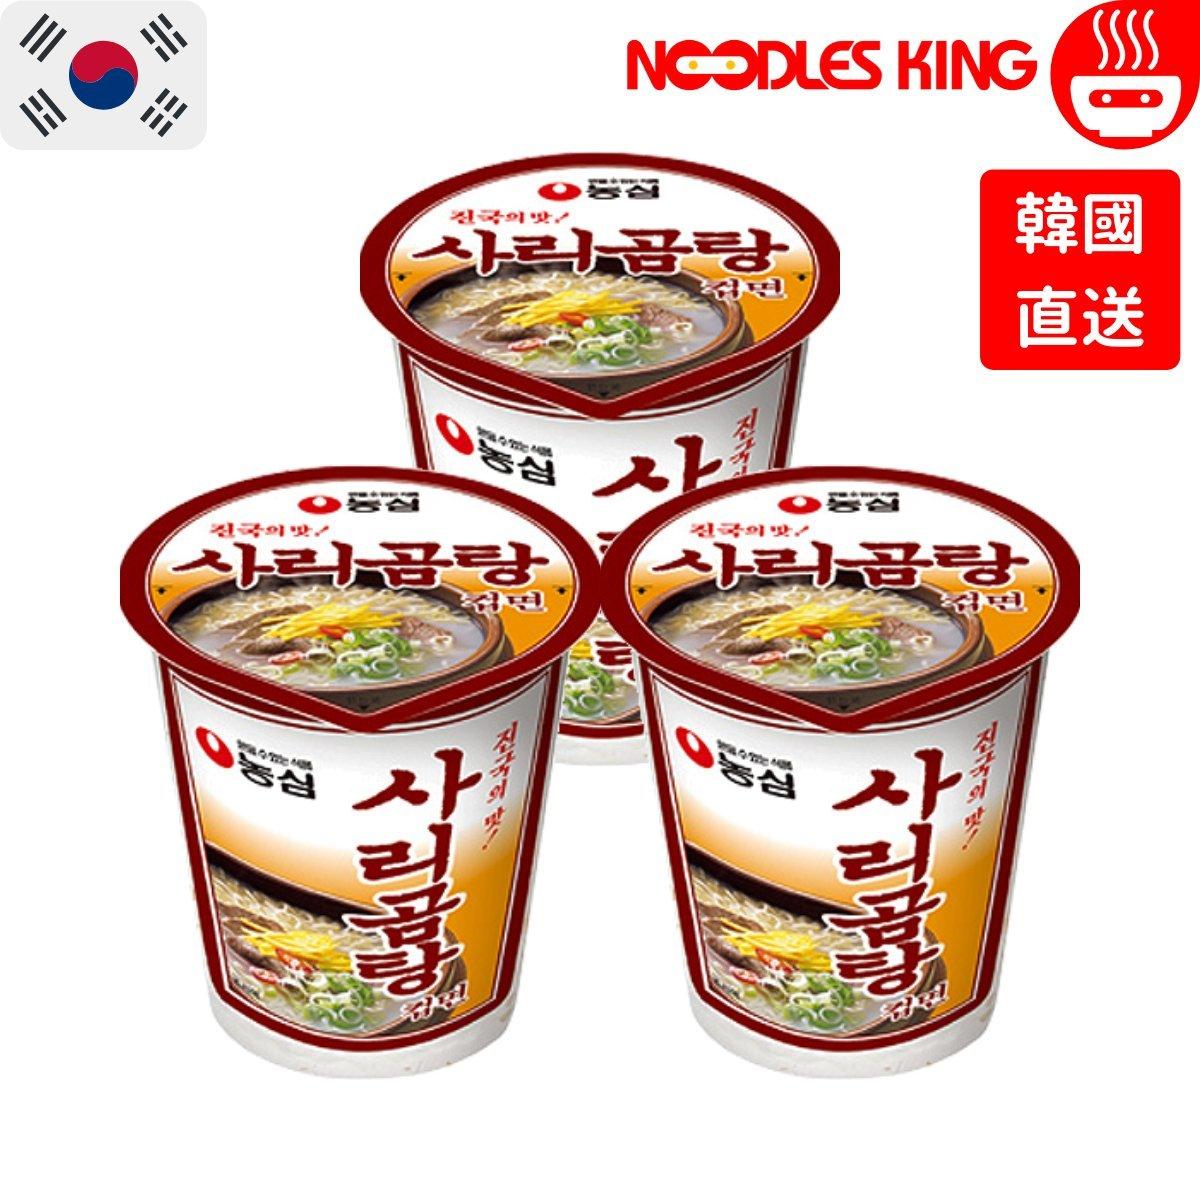 Sarigomtangmyun Cup (Korea) 61g x 3